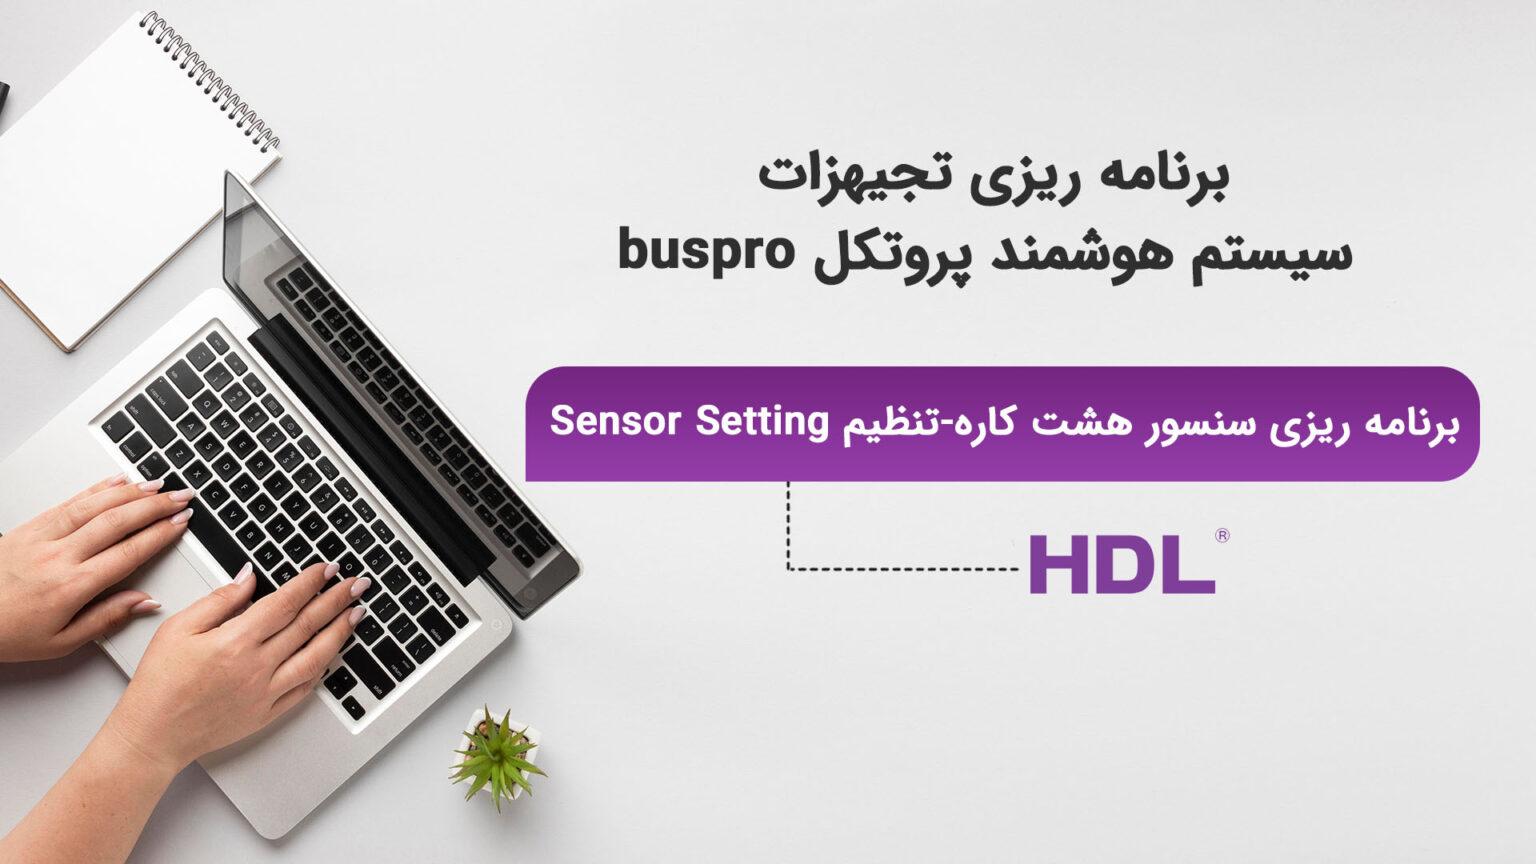 سنسور هشت کاره و تنظیم Sensor Setting